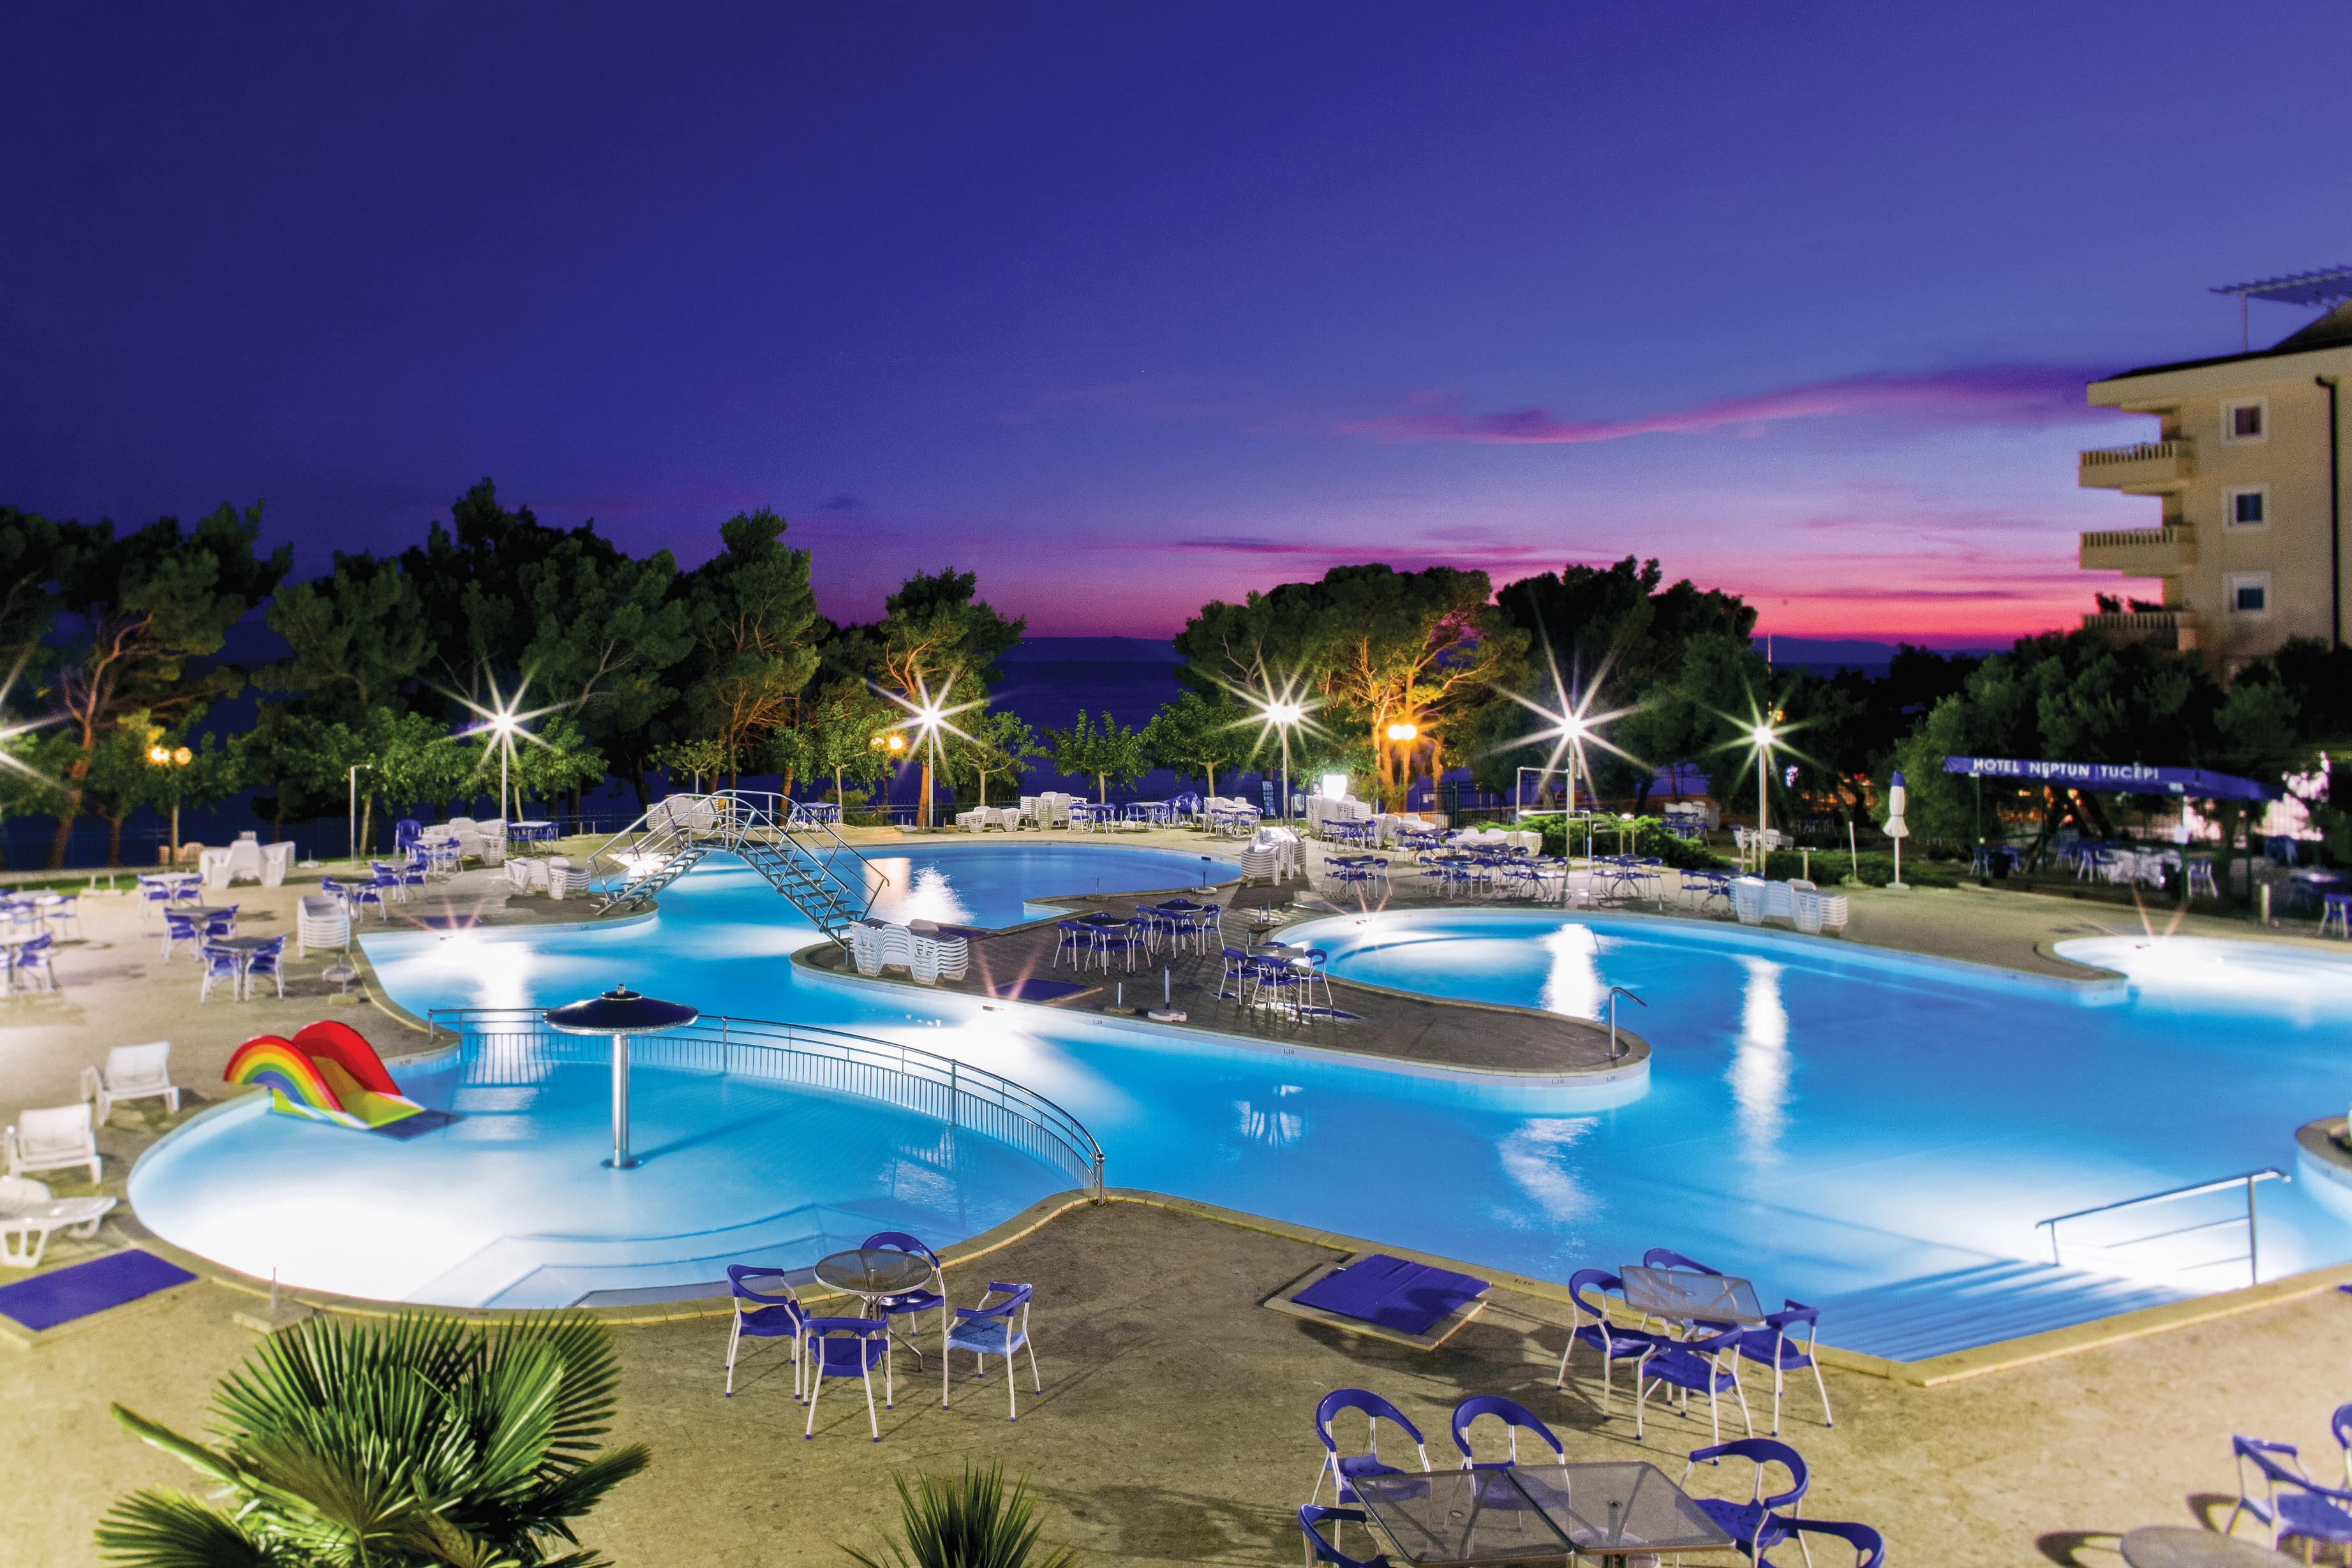 Bluesun hotel Neptun & dependance Maslinik 20